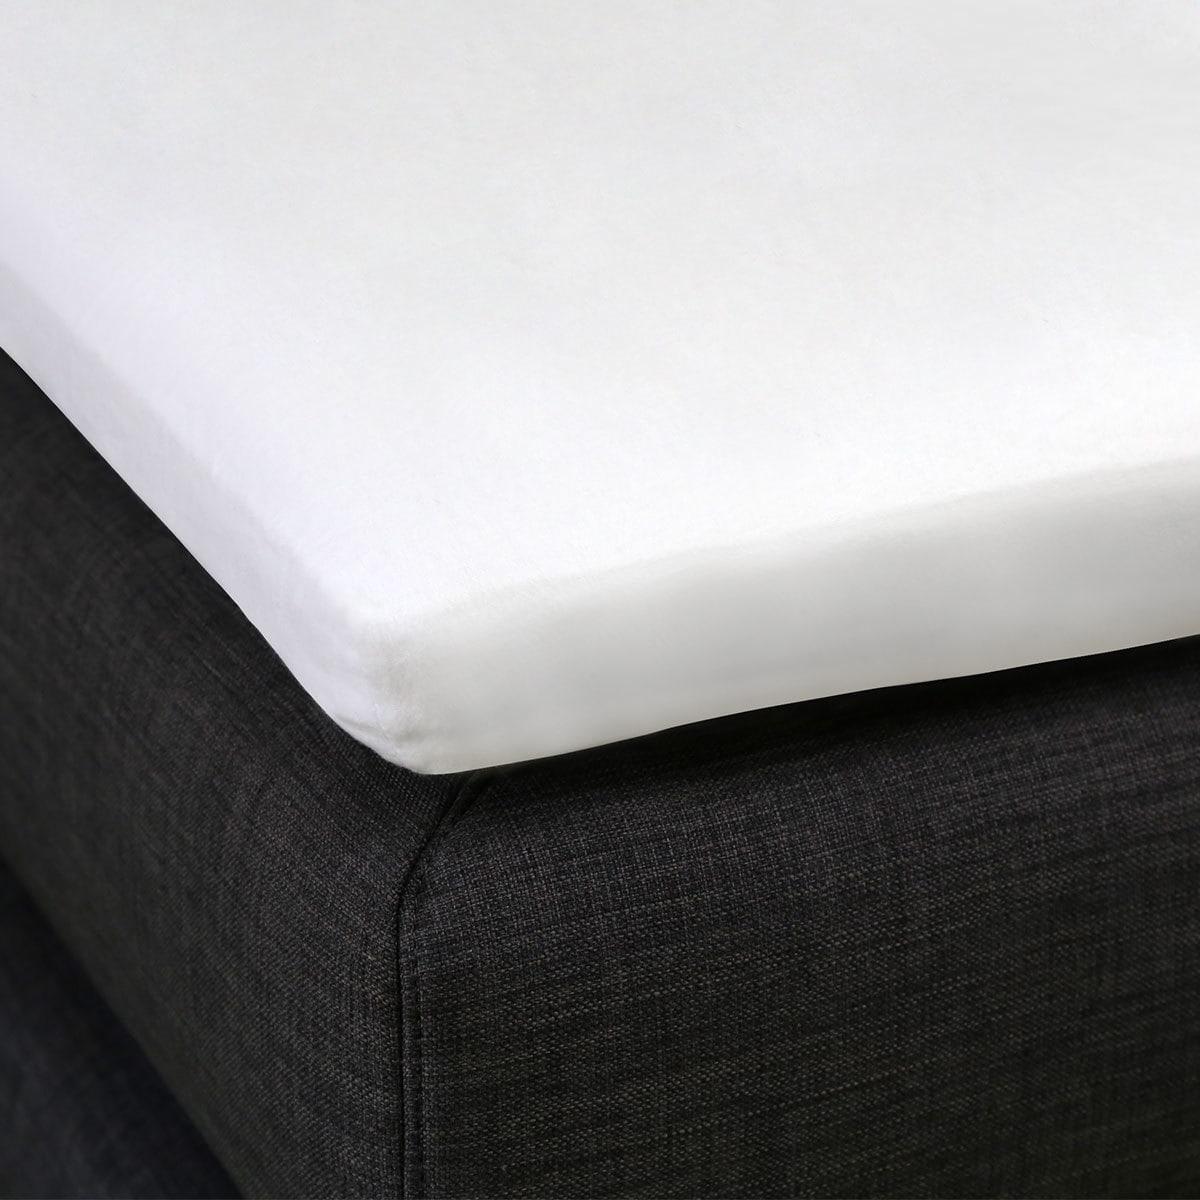 schlafgut boxspring spannbetttuch f r topper g nstig online kaufen bei bettwaren shop. Black Bedroom Furniture Sets. Home Design Ideas